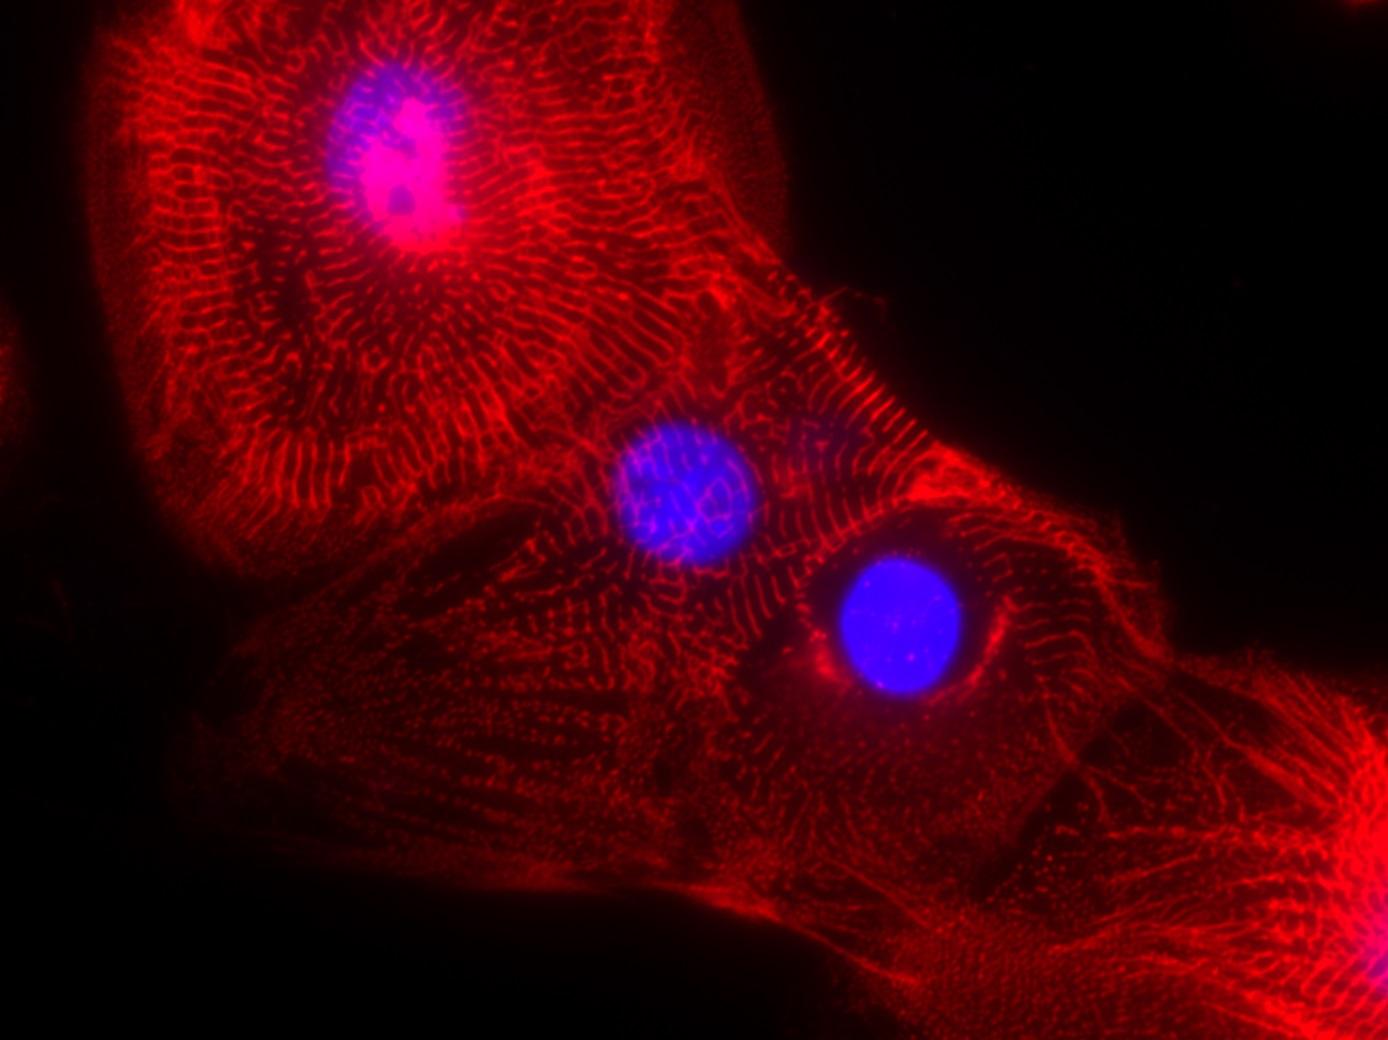 人类干细胞来源心肌细胞